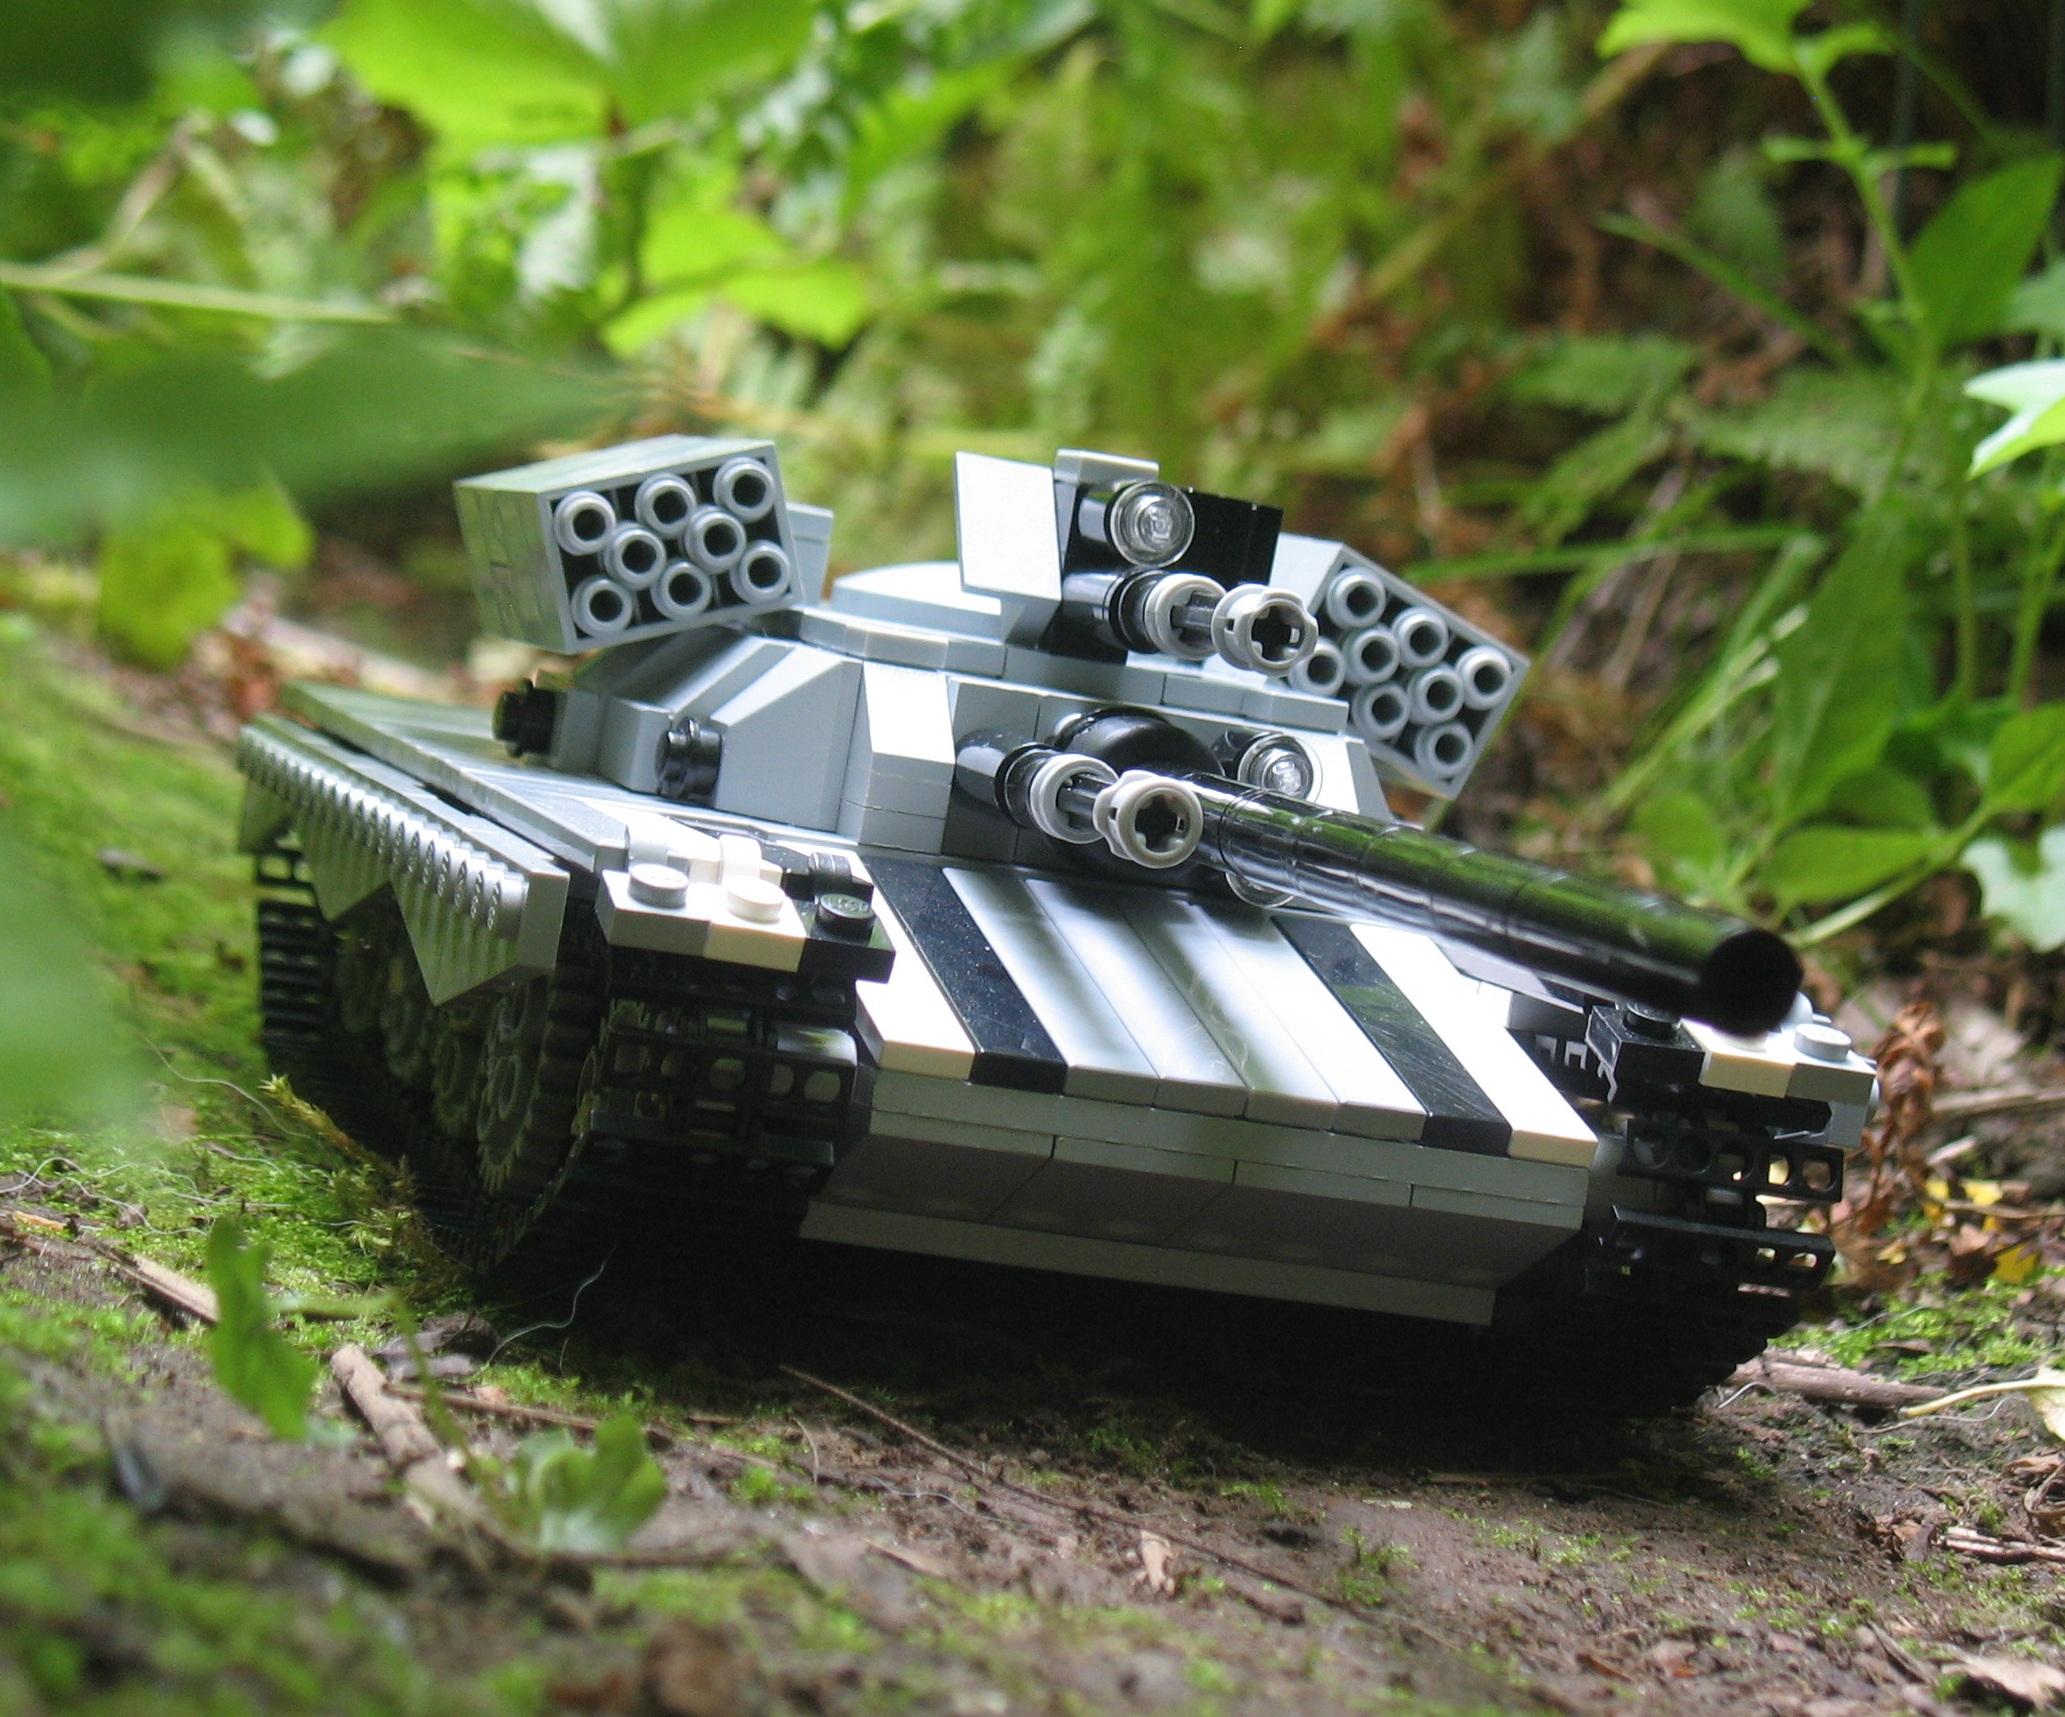 нашем картинки лего танки своими руками выглядели крупнейшие